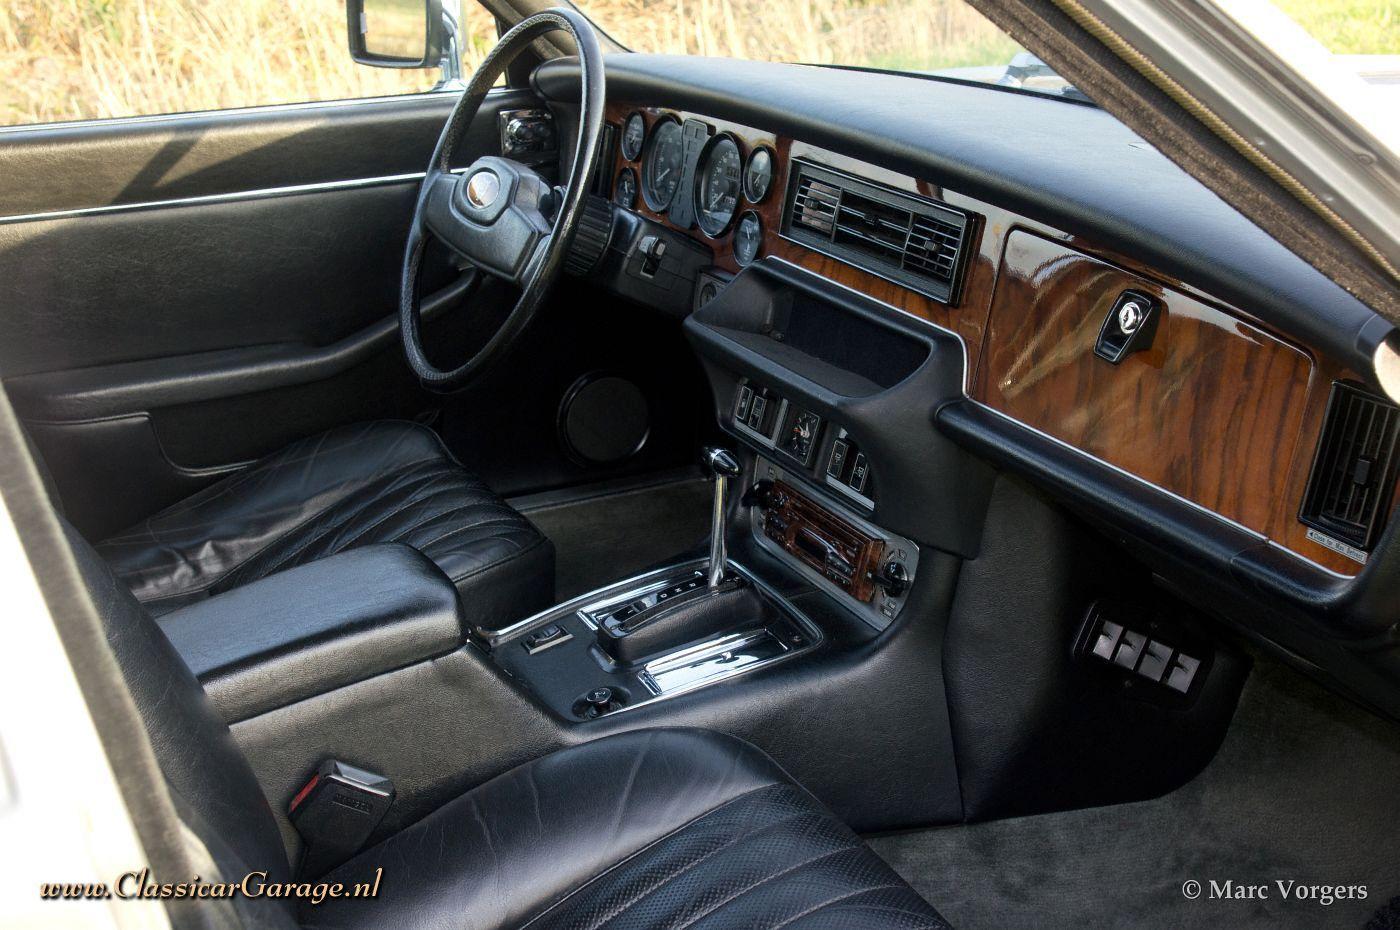 Jaguar Xjs Series 3 1990 1996 Coupe Outstanding Cars Xj6 Vanden Plas 8